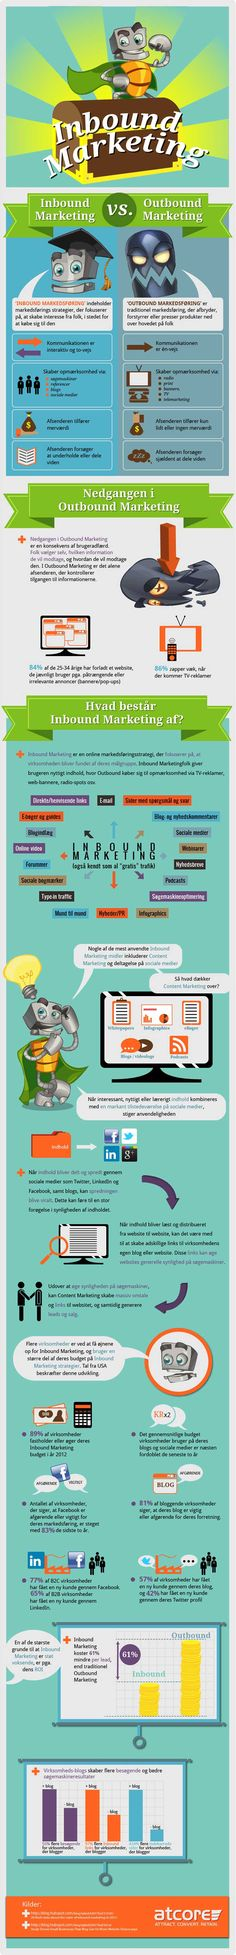 Infographic: Inbound vs. Outbound Marketing https://www.udemy.com/inbound-marketing/?couponCode=pinterestoff